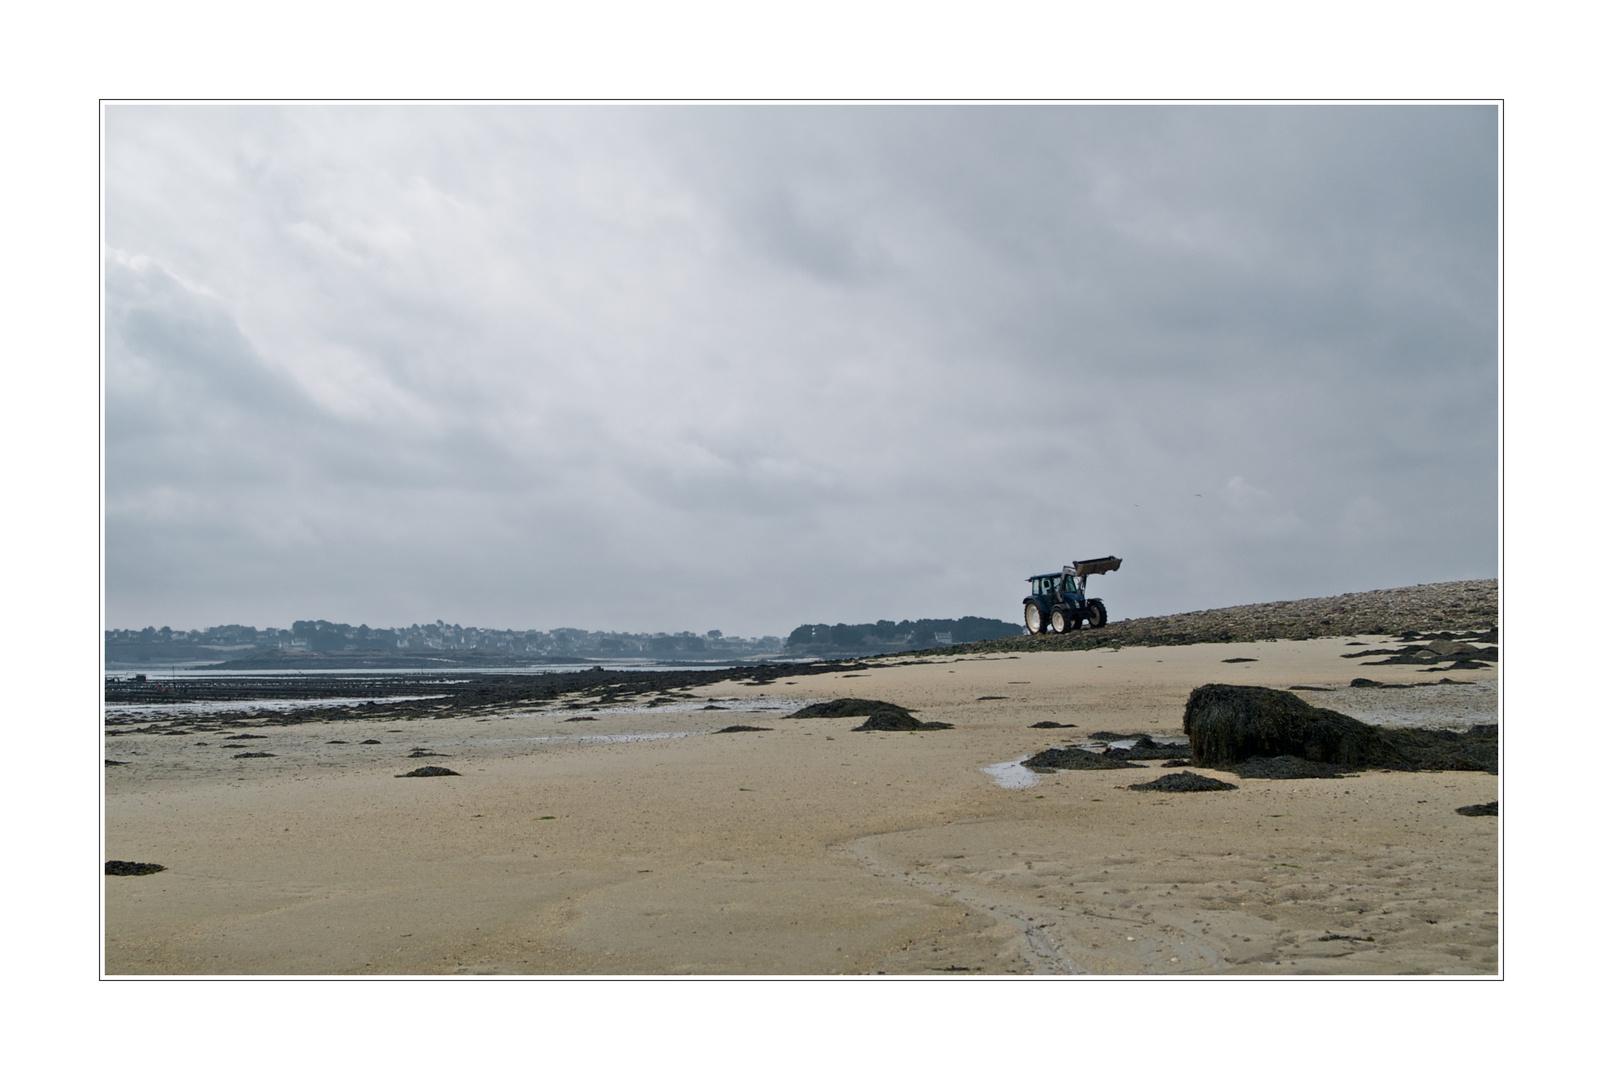 L'aber Wrac'h, le tracteur bleu